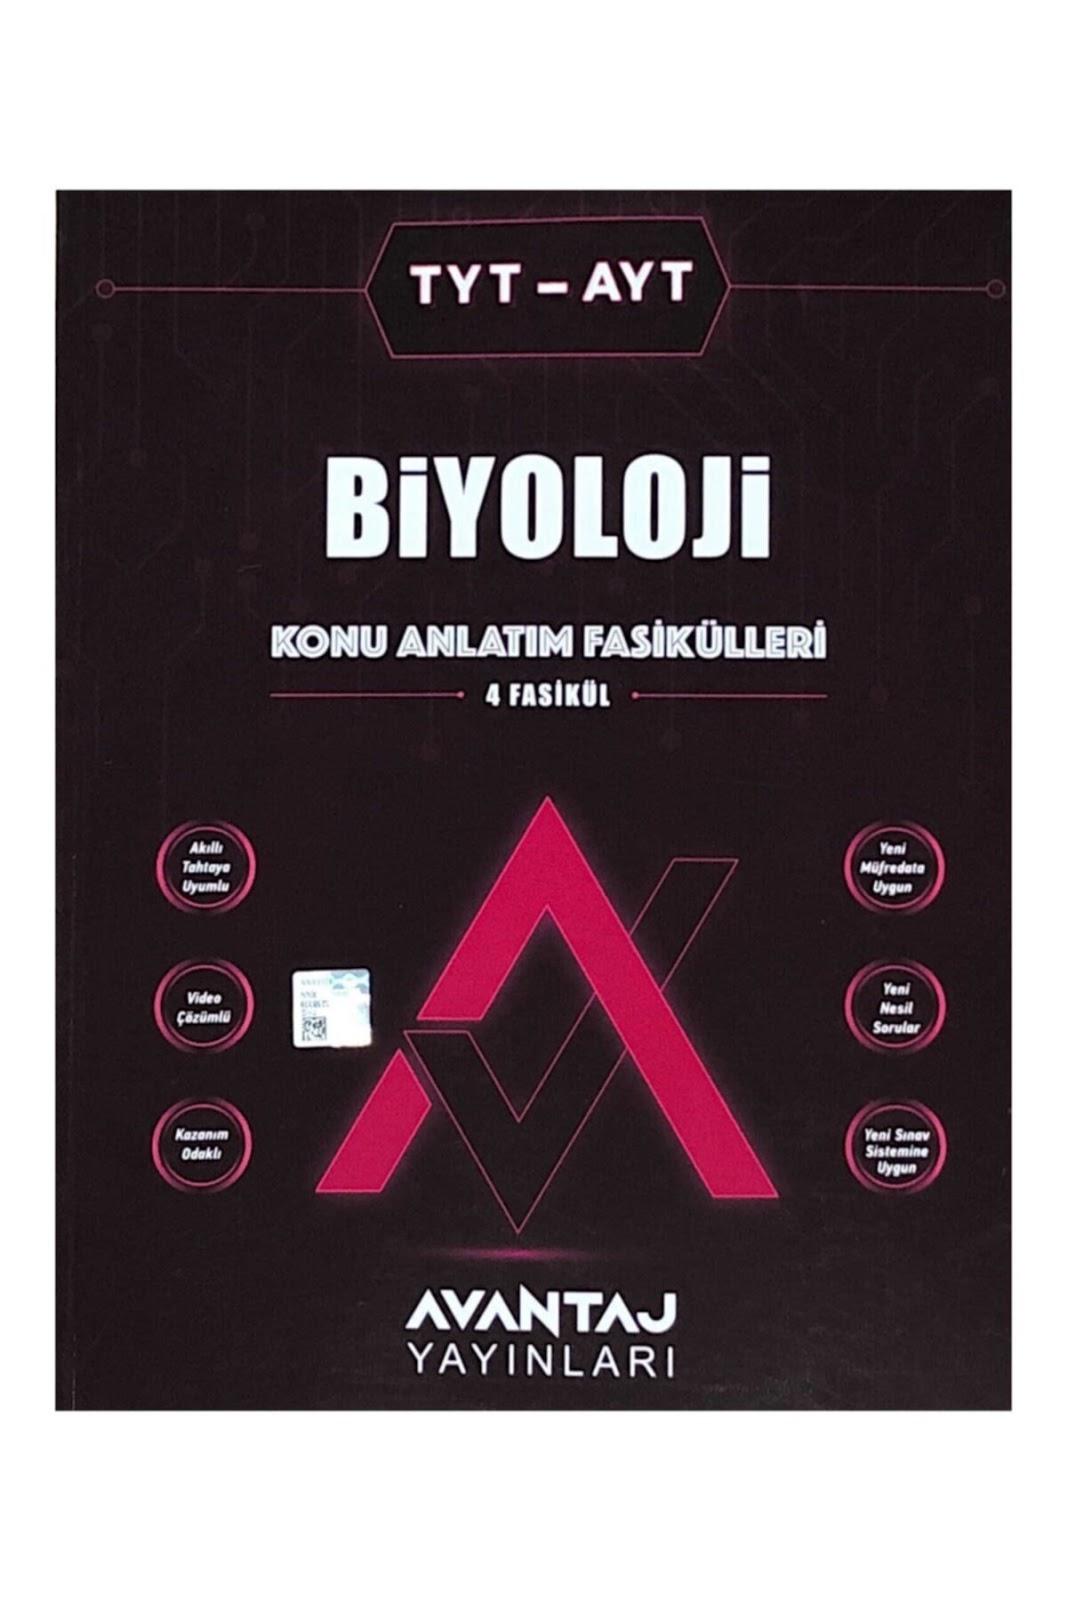 Avantaj Yayınları - TYT - AYT Biyoloji - Konu Anlatımlı